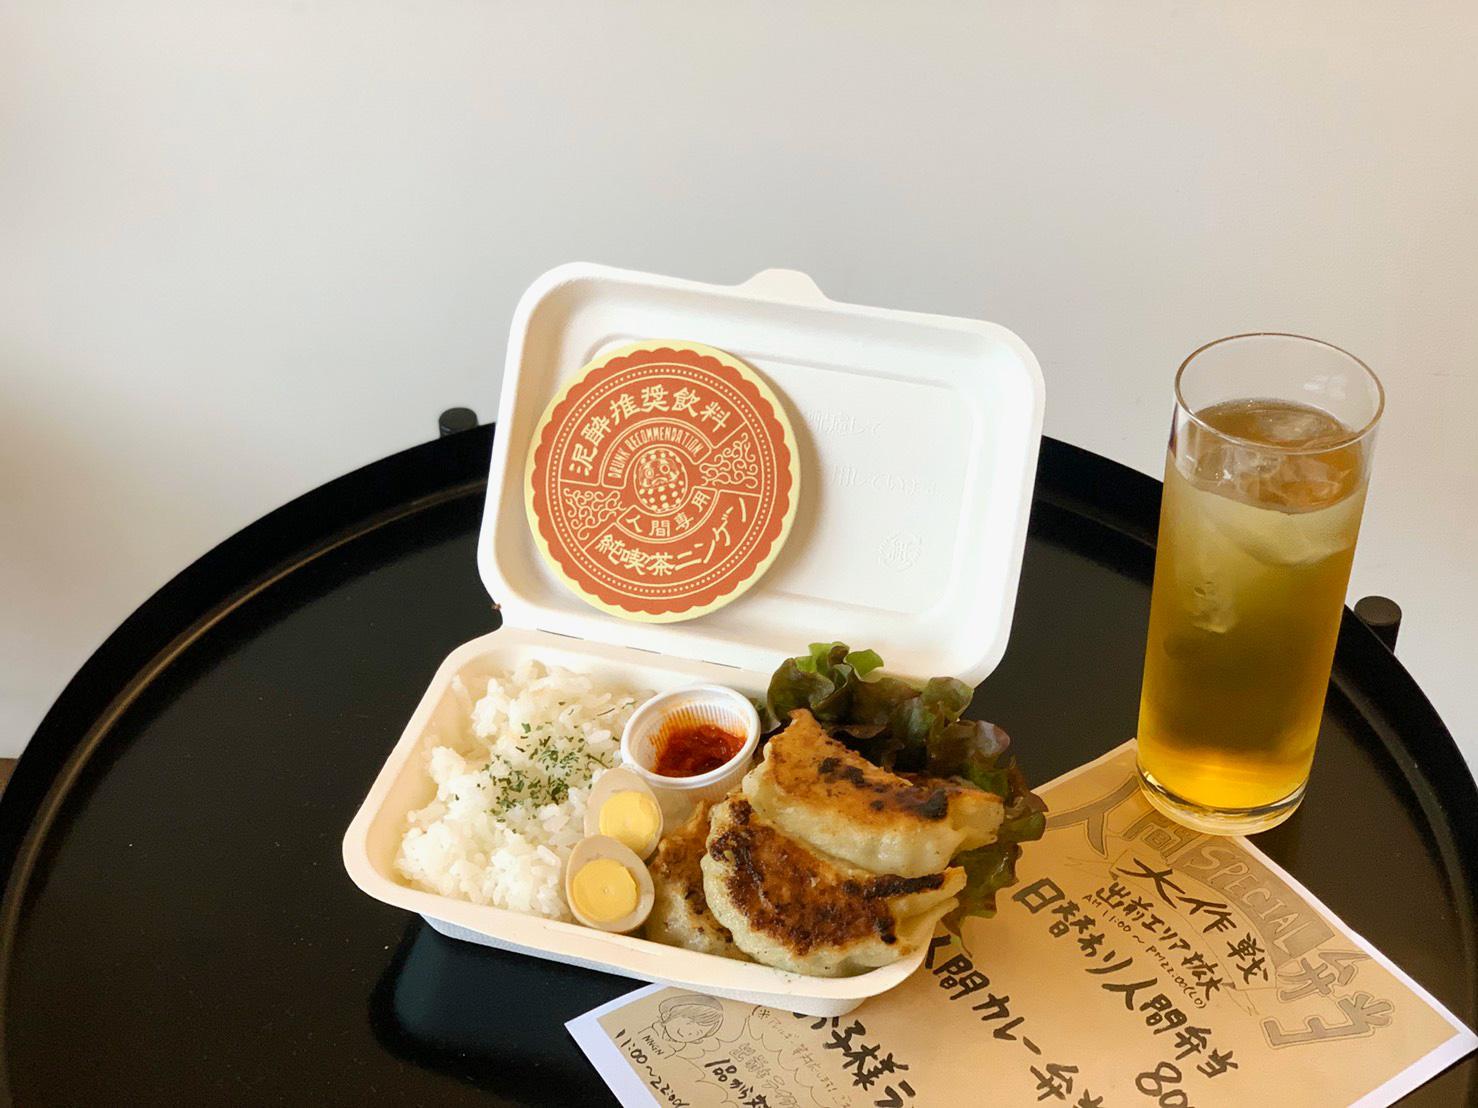 東京都・新宿区歌舞伎町「人間レストラン」くまの子見ていたハンバーグ丼【飲食店応援企画】